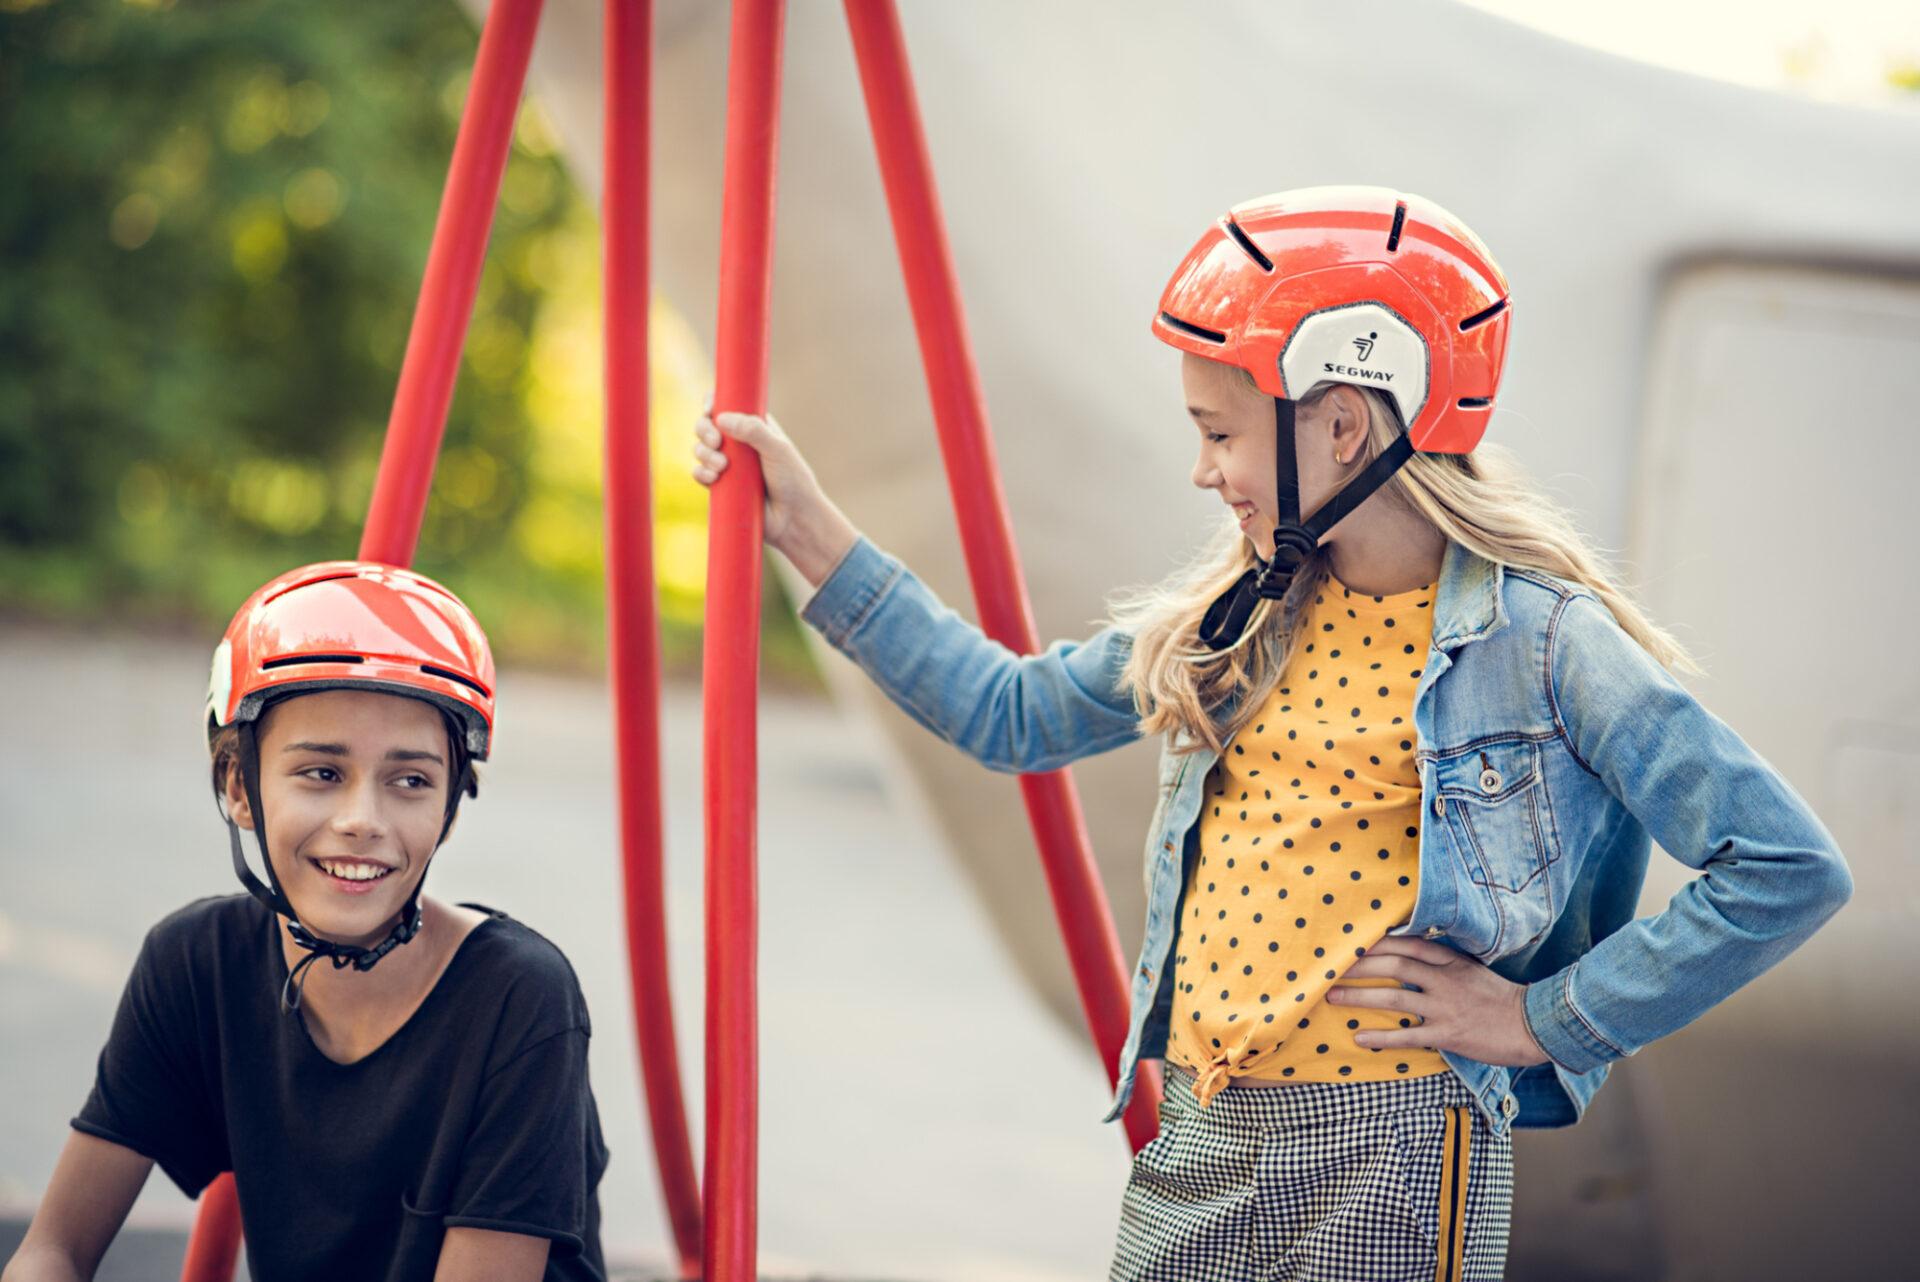 [hero] Segway KickScooter Helmet Kids